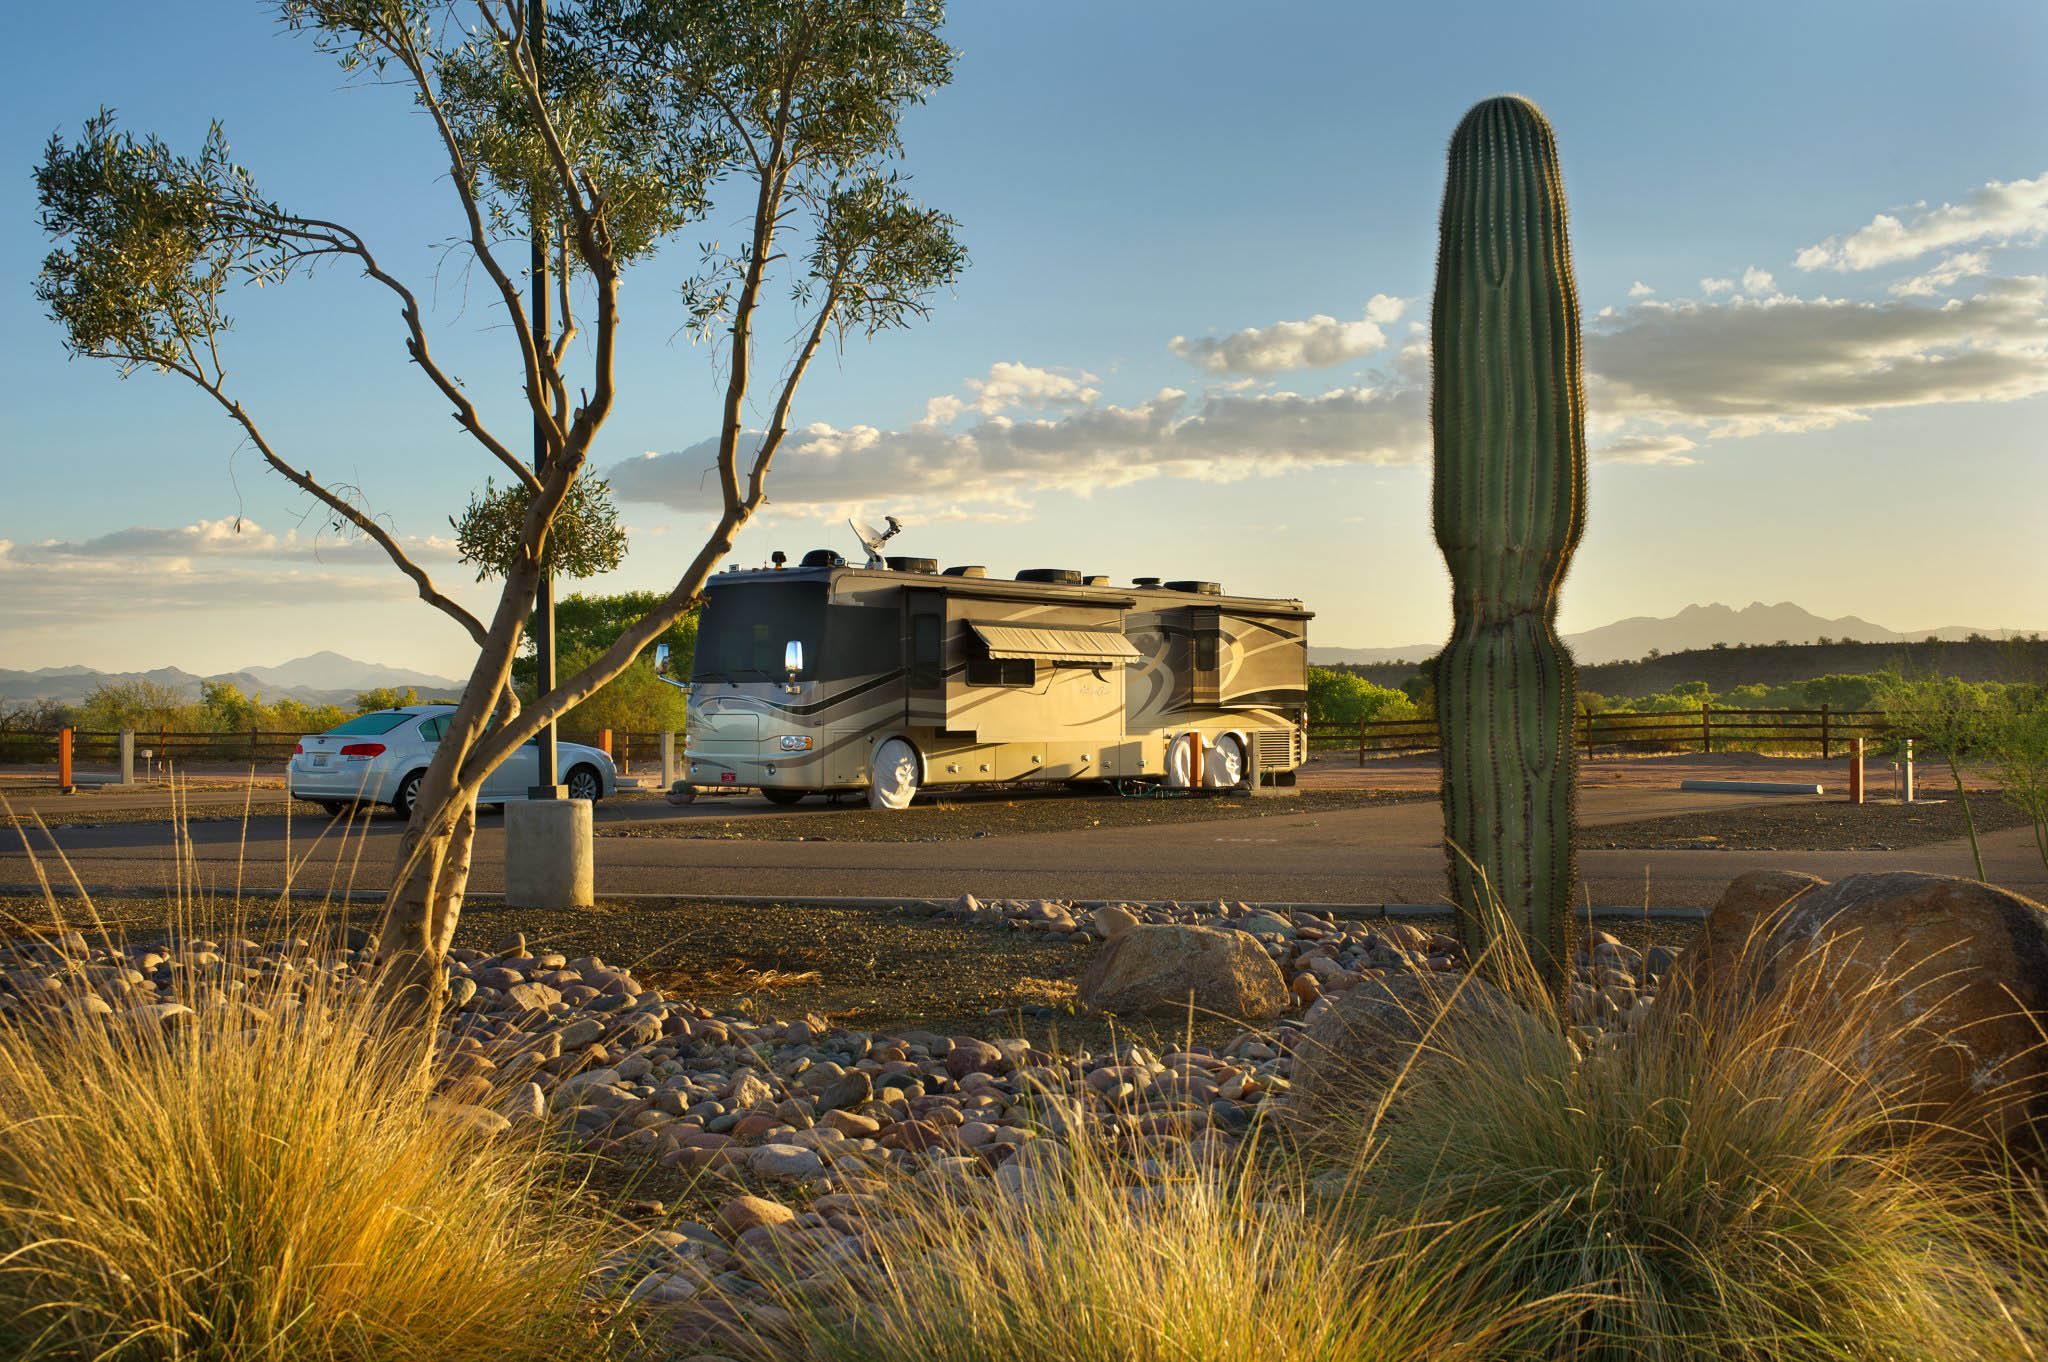 large RV parked along desert landscape